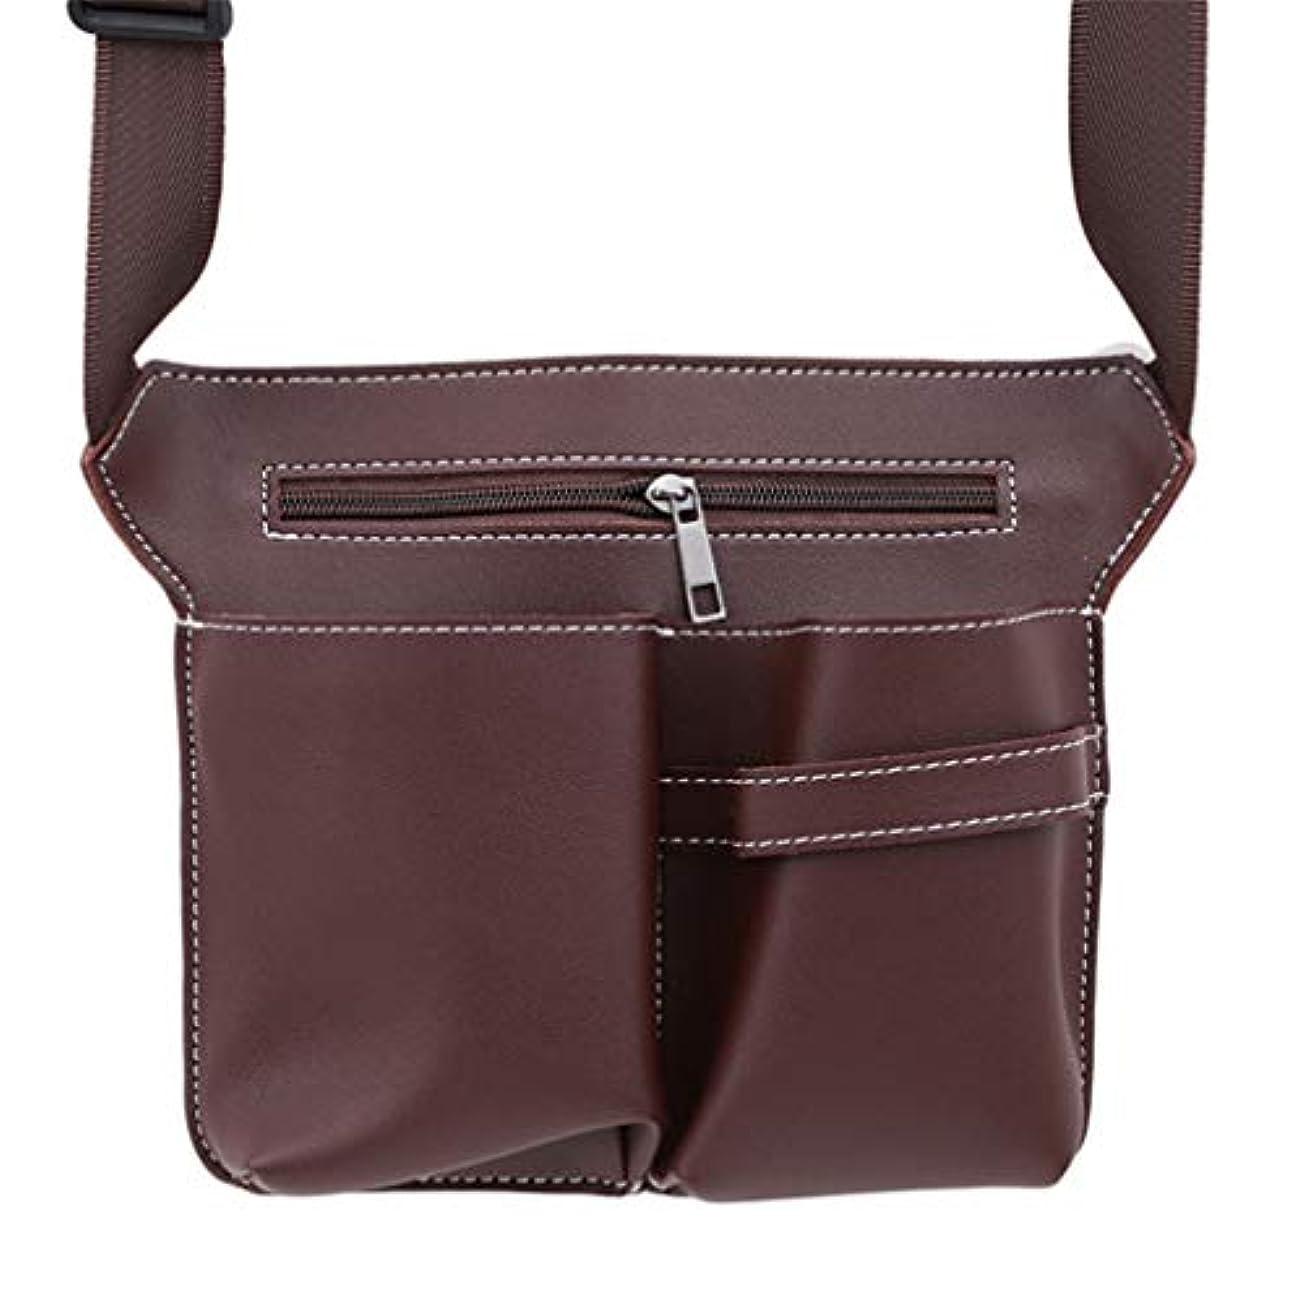 ハムごめんなさい決済MARUIKAO メイクブラシケース ウエストポーチ 収納バッグ はさみ オーガナイザー ホルダー 化粧ツール 便利グッズ ベルト 美容師 美容用品 保管ポケット